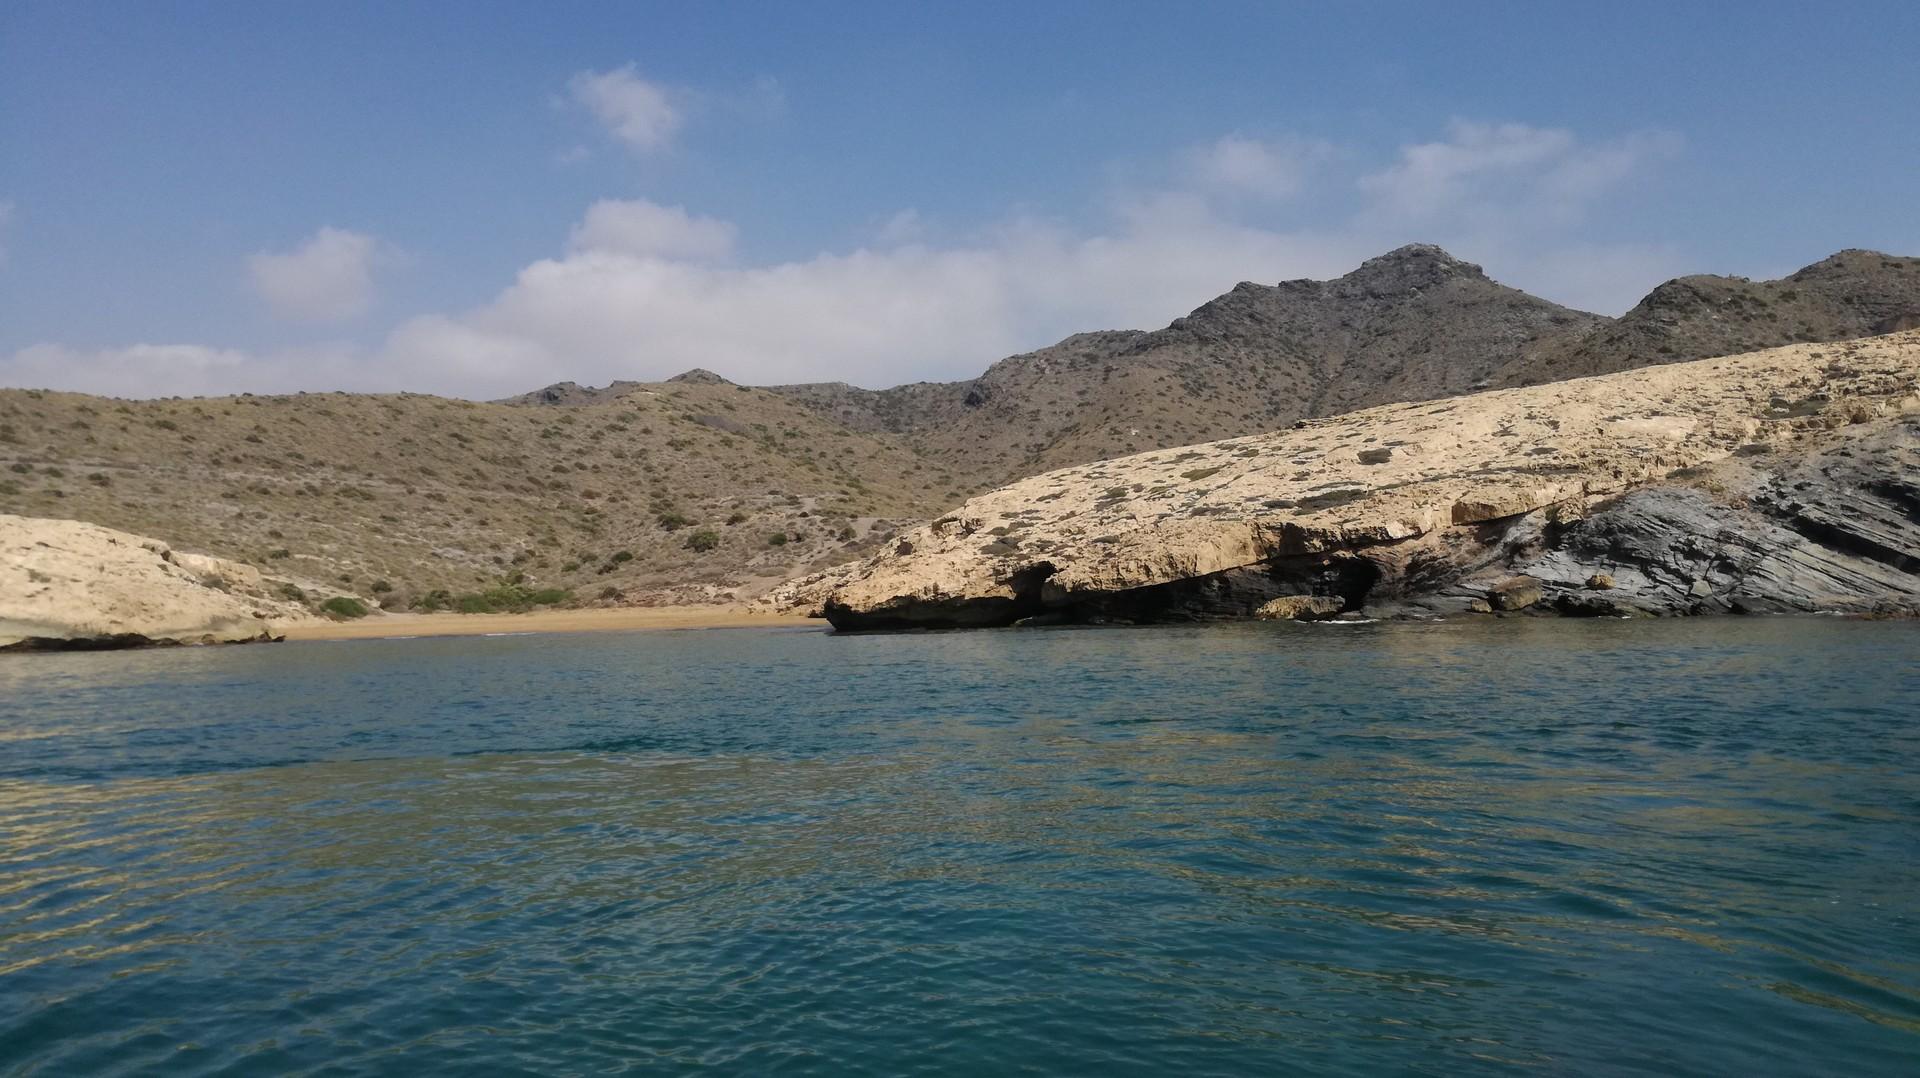 Cabo de Palos and Calblanque Regional Park